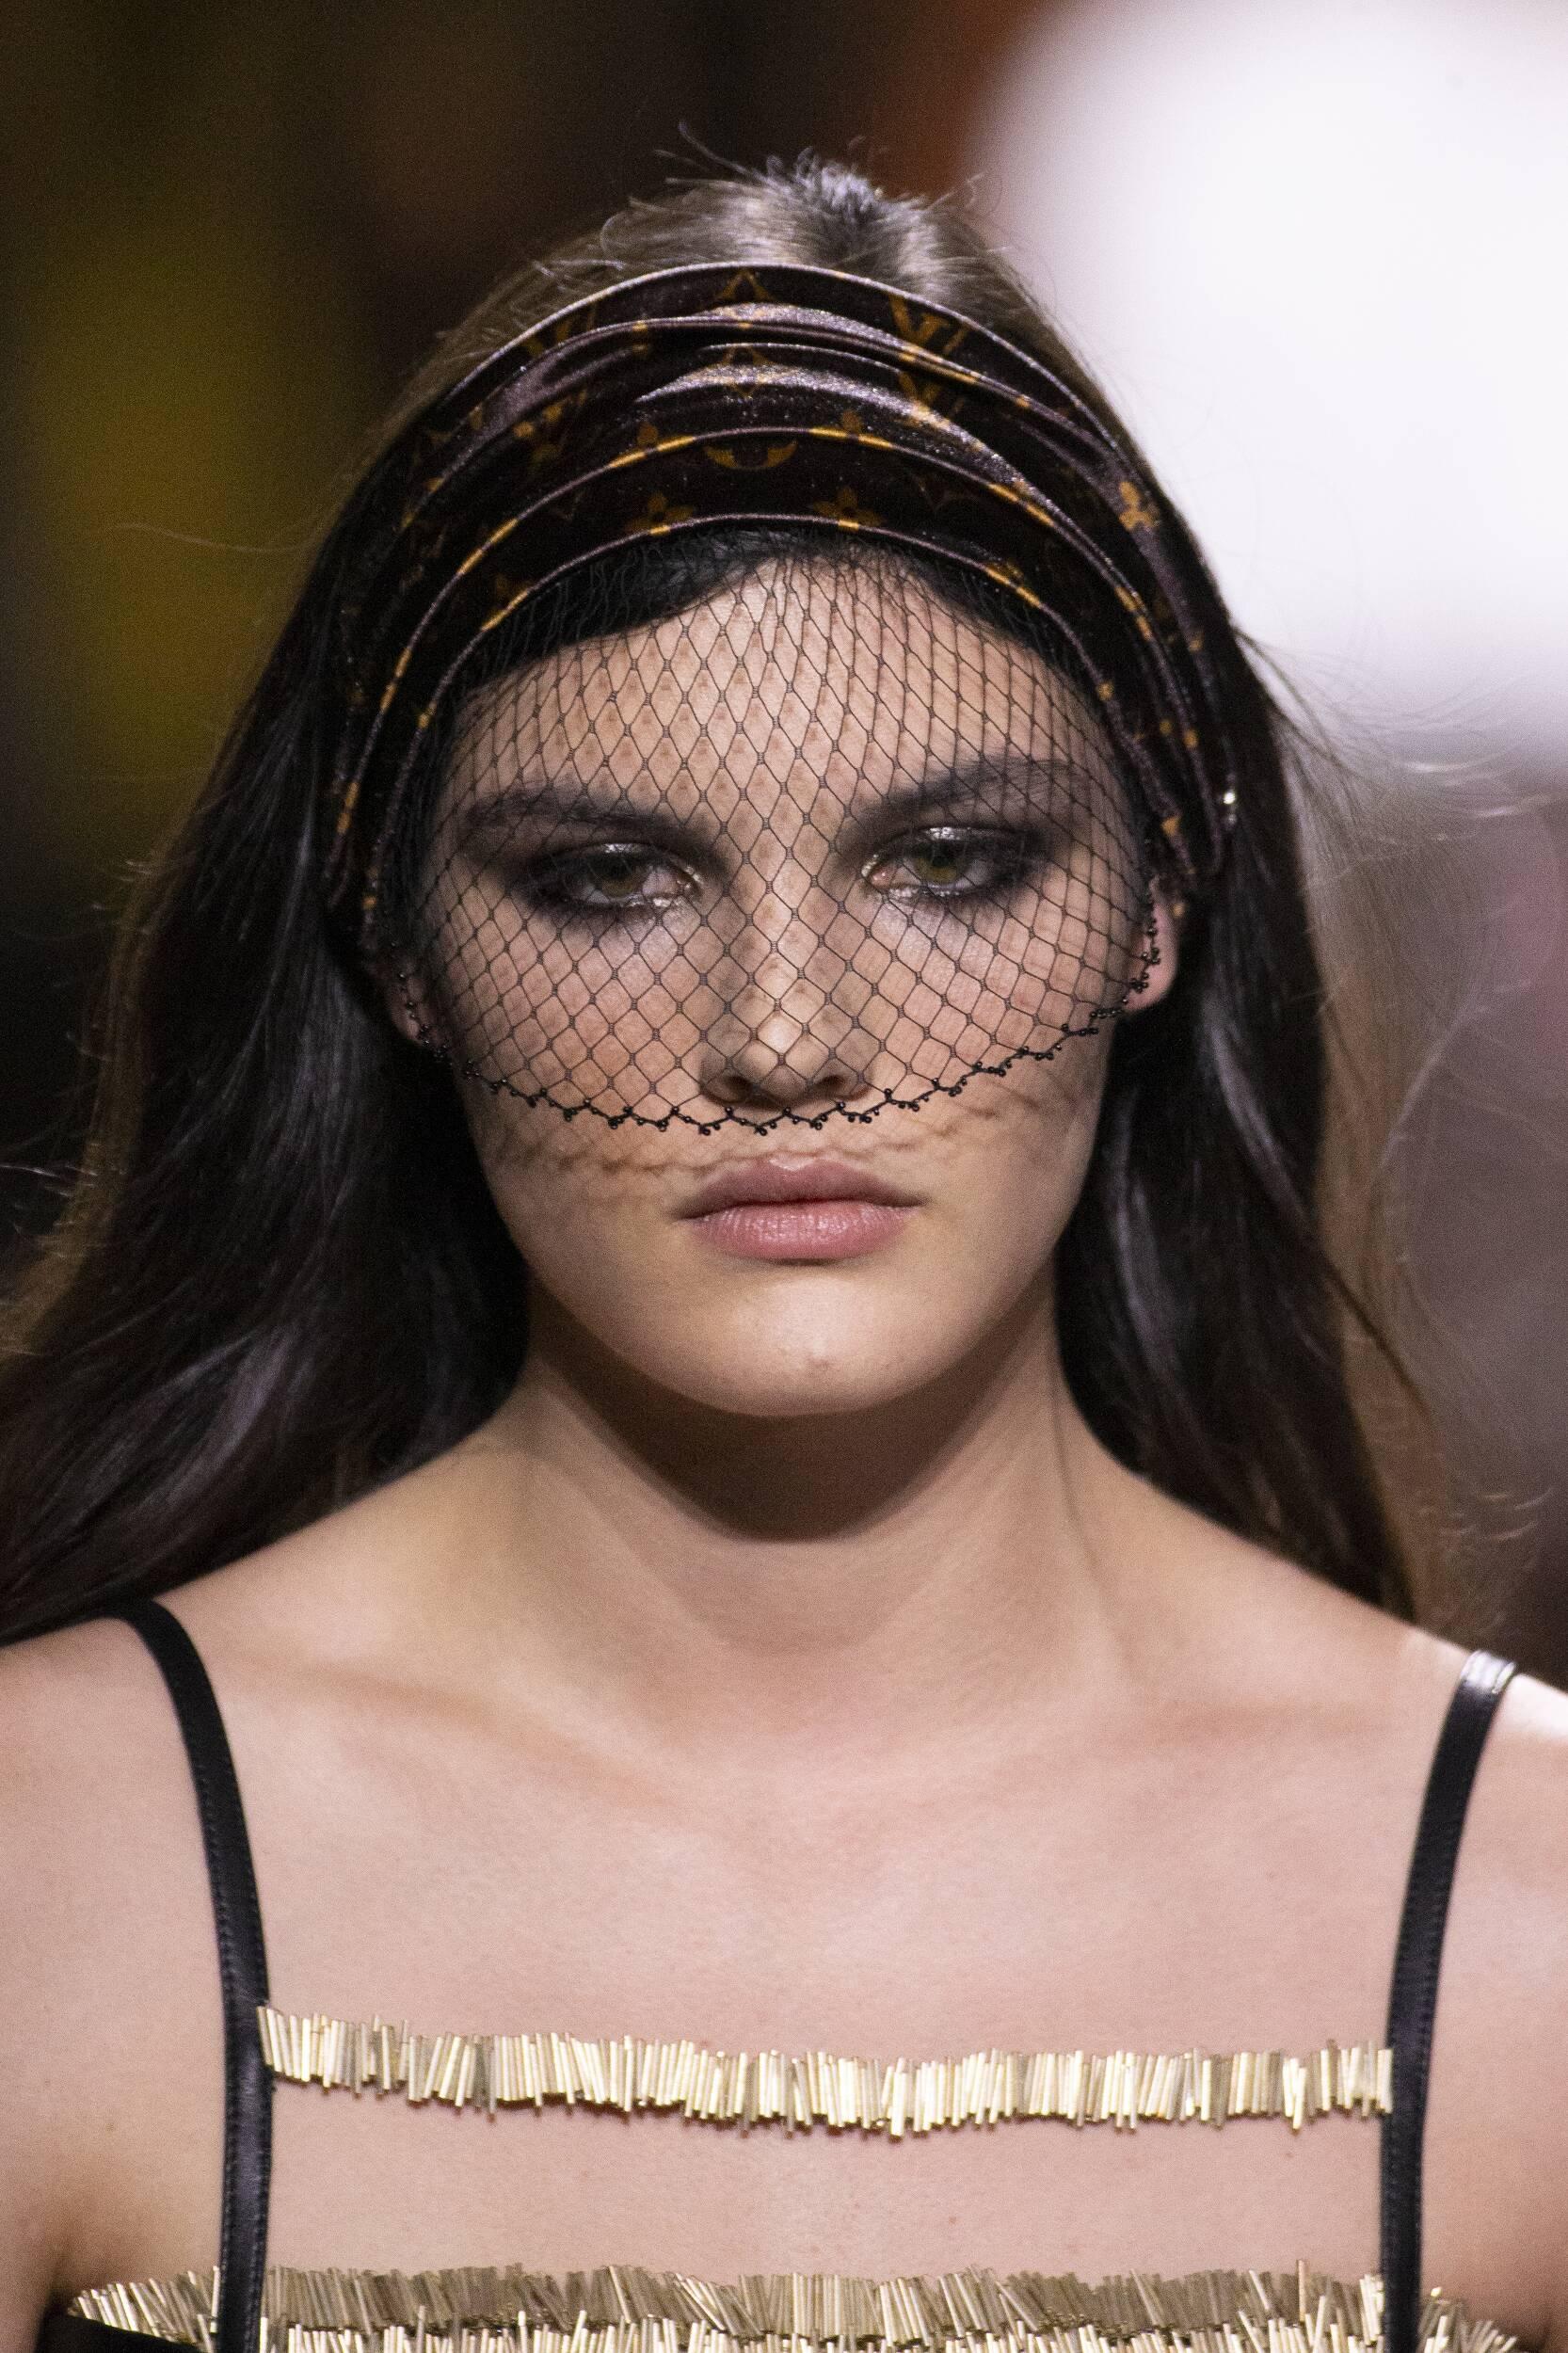 2020 2021 Model Portrait Louis Vuitton